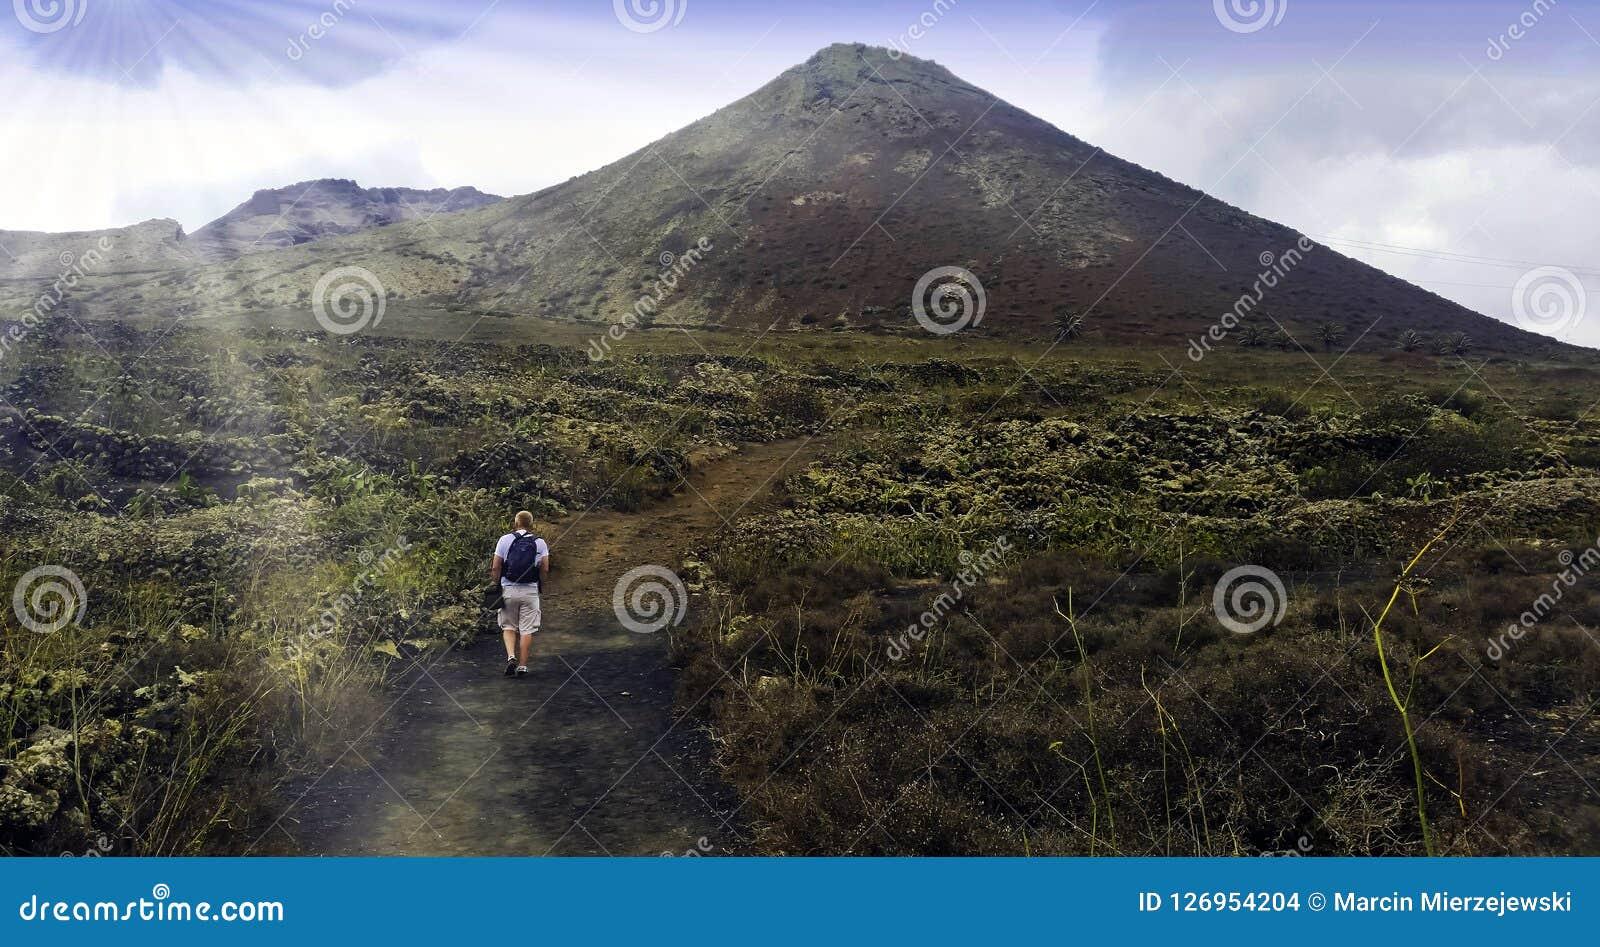 Turystyczny odprowadzenie wulkanu losu angeles korona słoneczna - Lanzarote, wyspy kanaryjska, Hiszpania